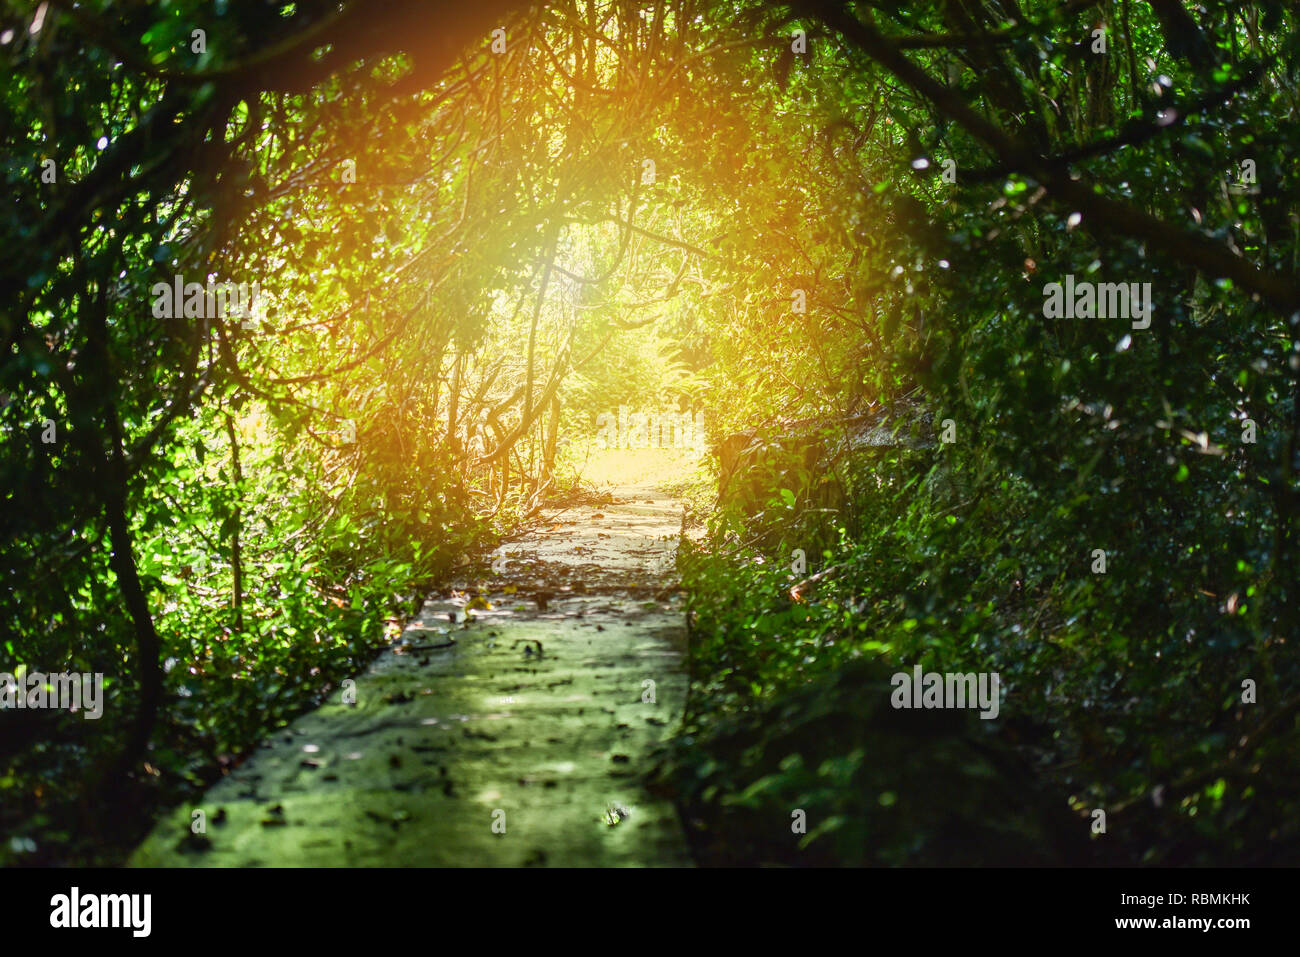 https www alamyimages fr tunnel de la nature arbre lumiere tunnel de lumiere light ajoute le vert des arbres dans la foret des cheminements image230950431 html